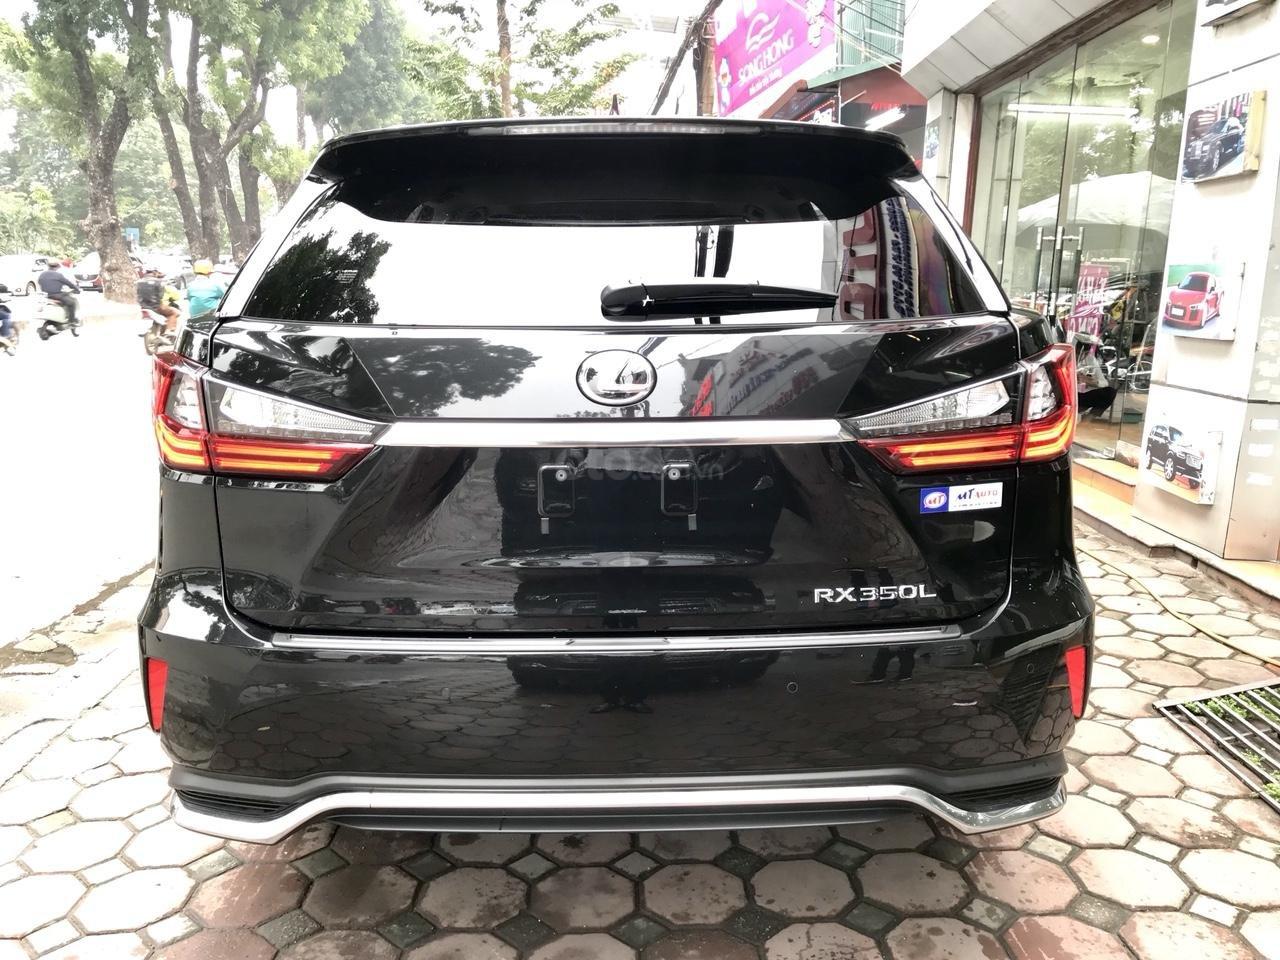 Bán Lexus RX 350L 6 chỗ đời 2019, xe nhập Mỹ, giá tốt, giao ngay, LH 094.539.2468 Ms Hương (4)